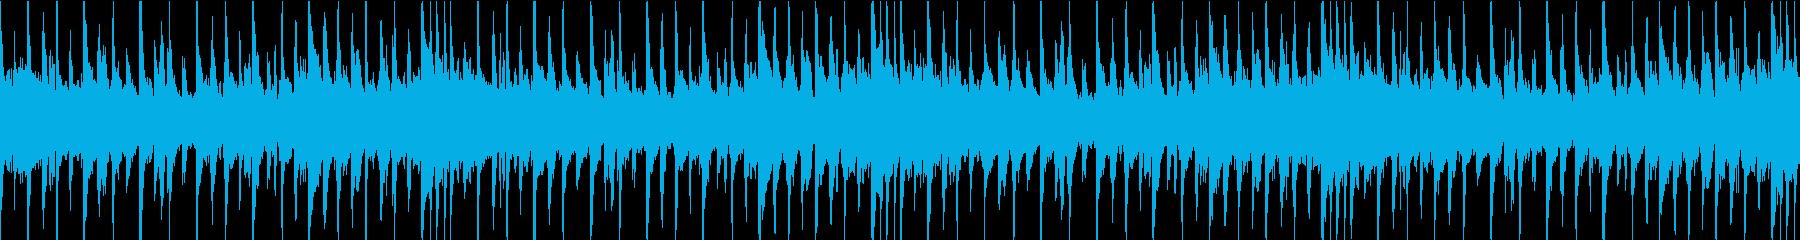 チャイニーズな雰囲気のBGMの再生済みの波形